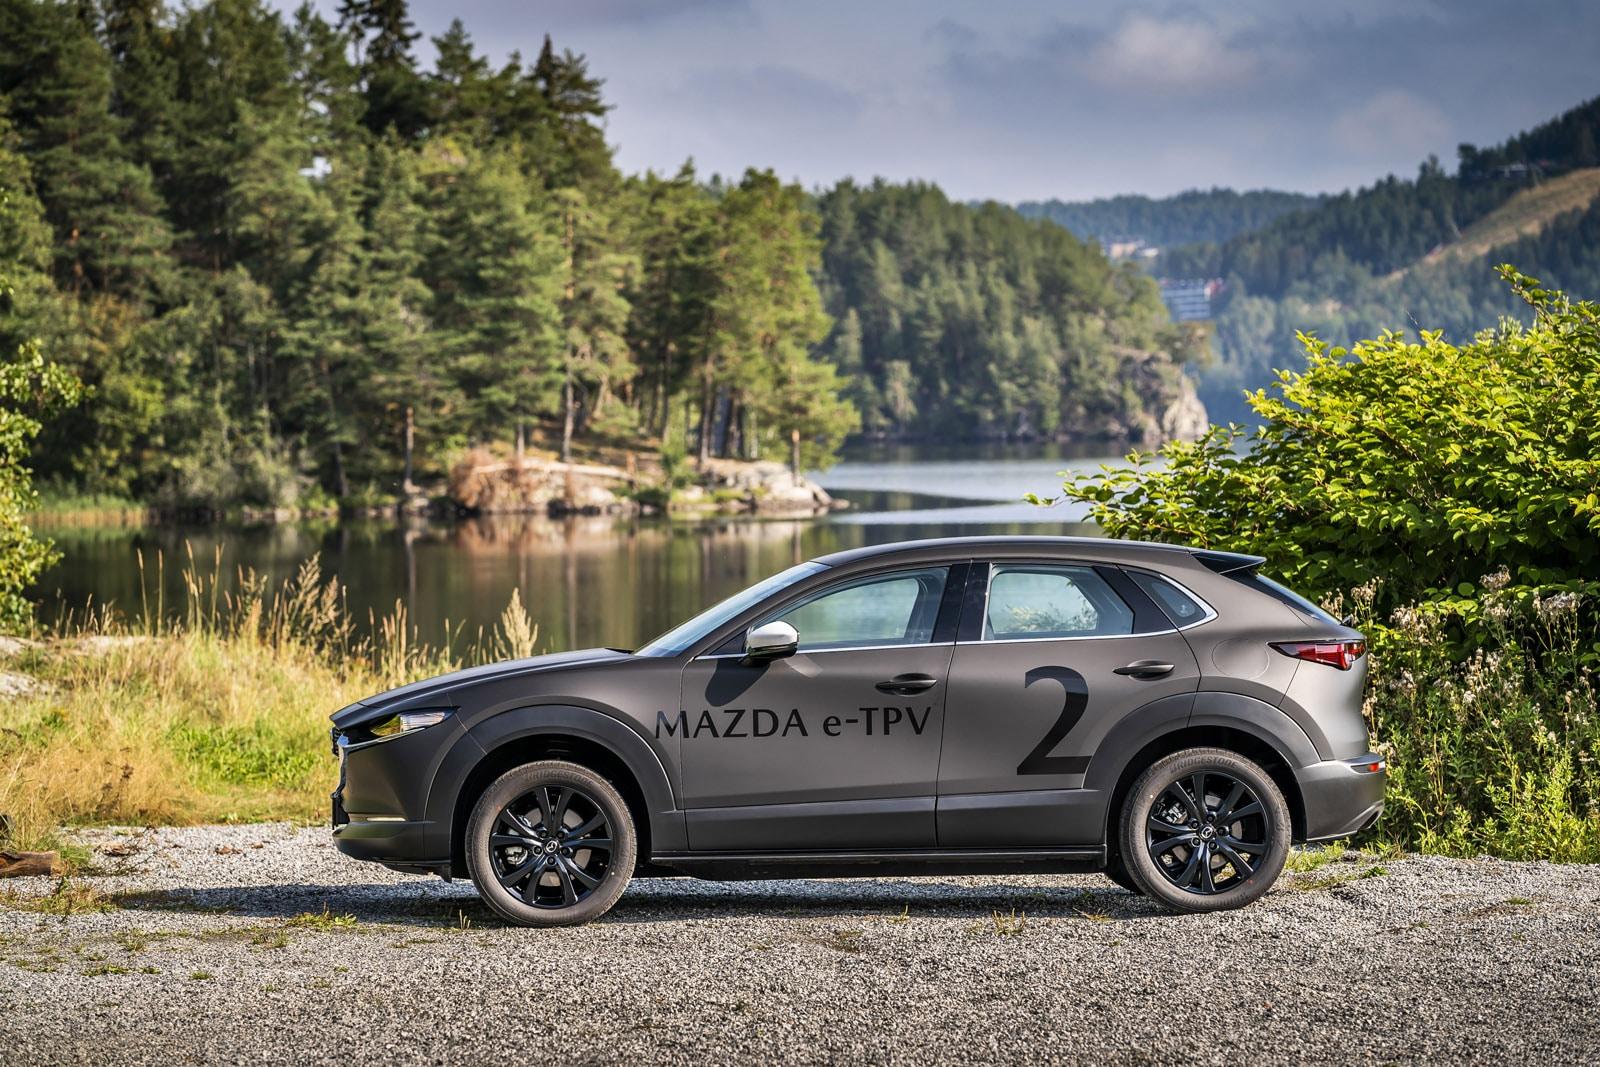 Mazda e-TPV (2019)